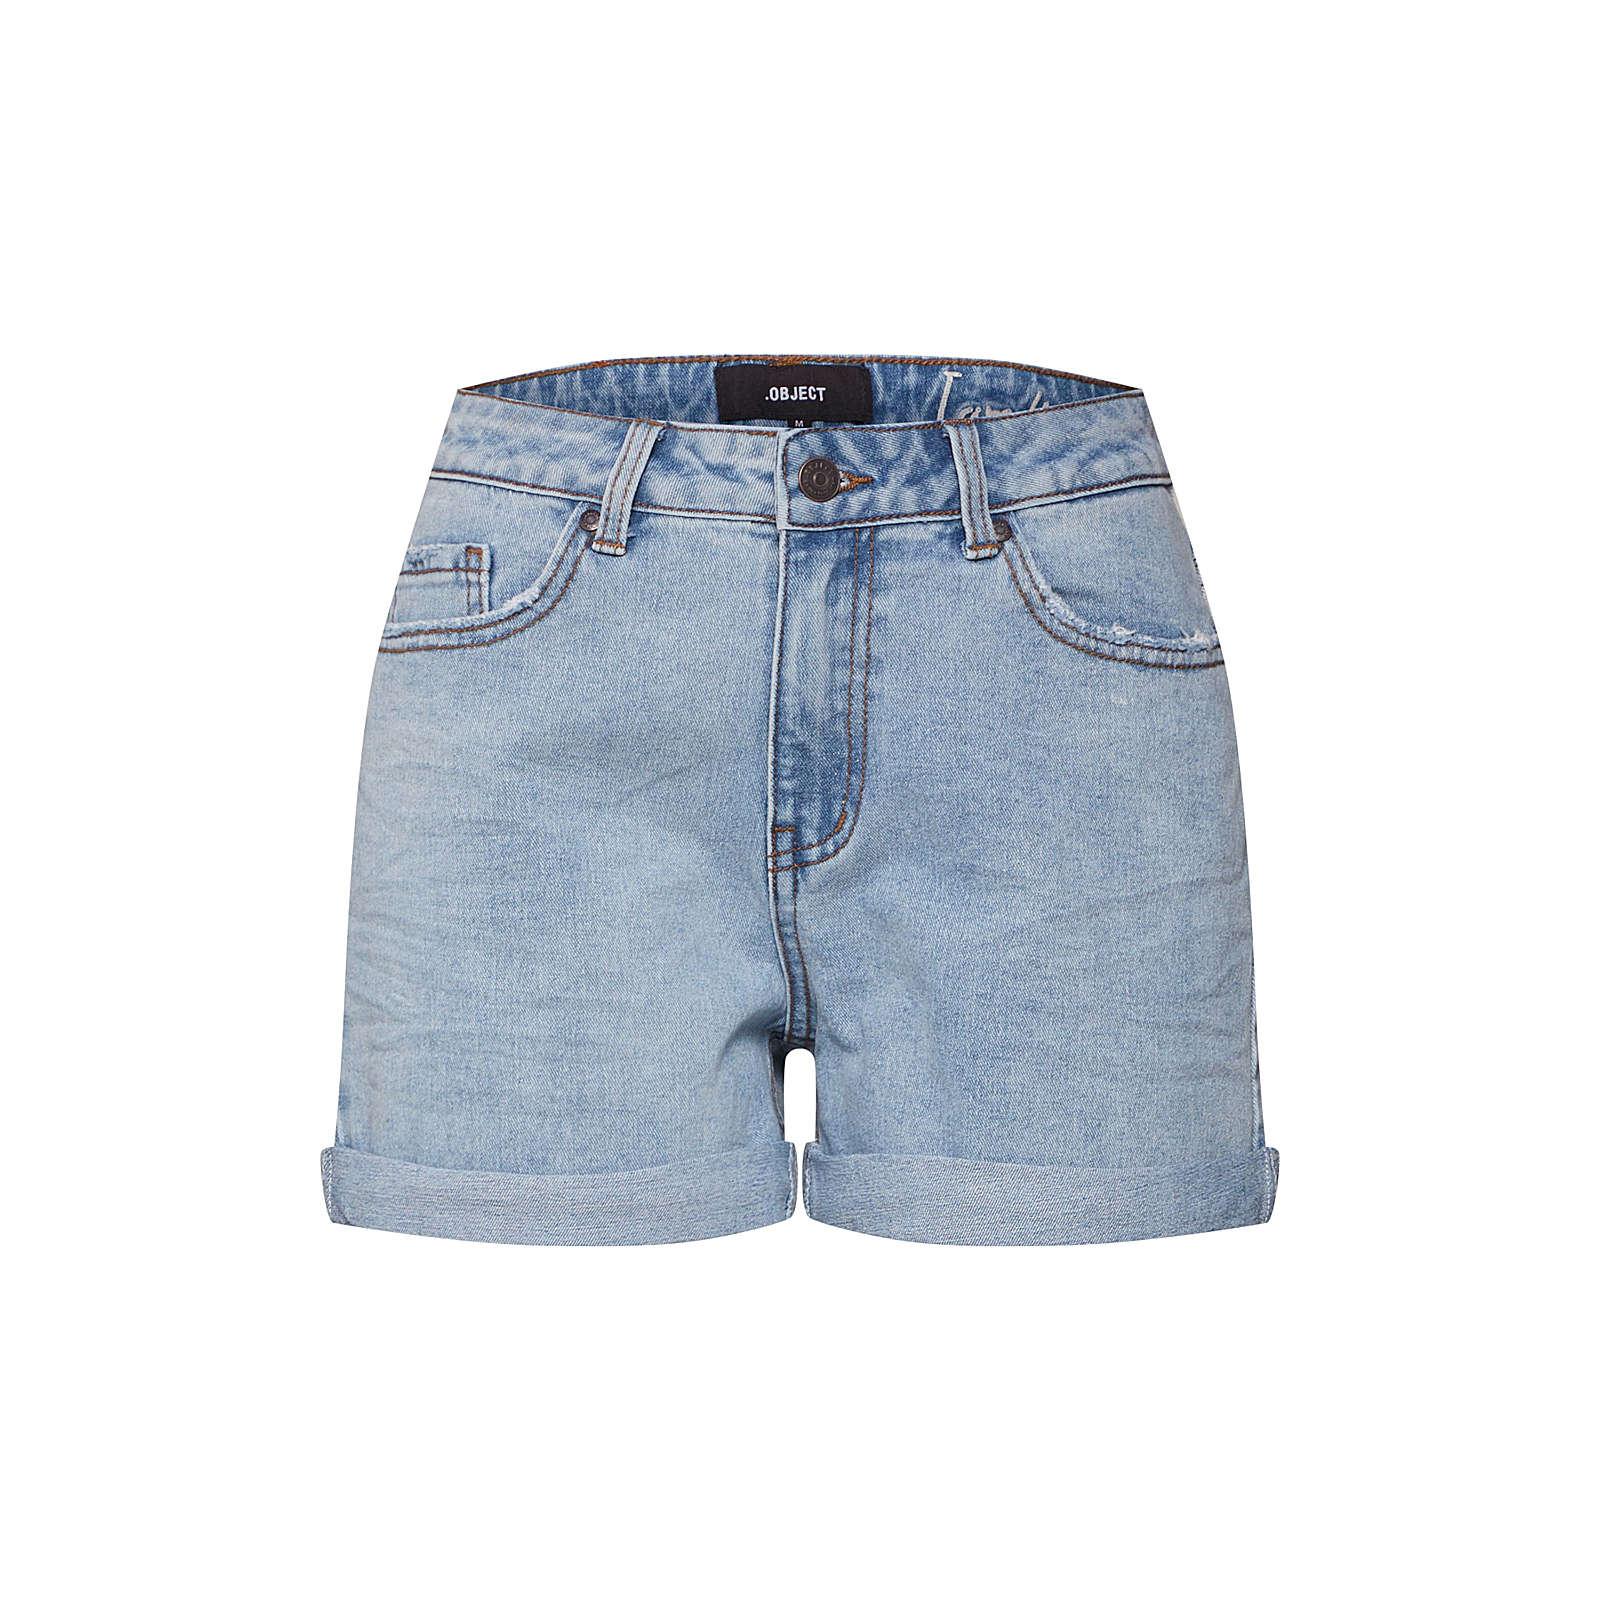 OBJECT Jeans Jeansshorts blau Damen Gr. 36